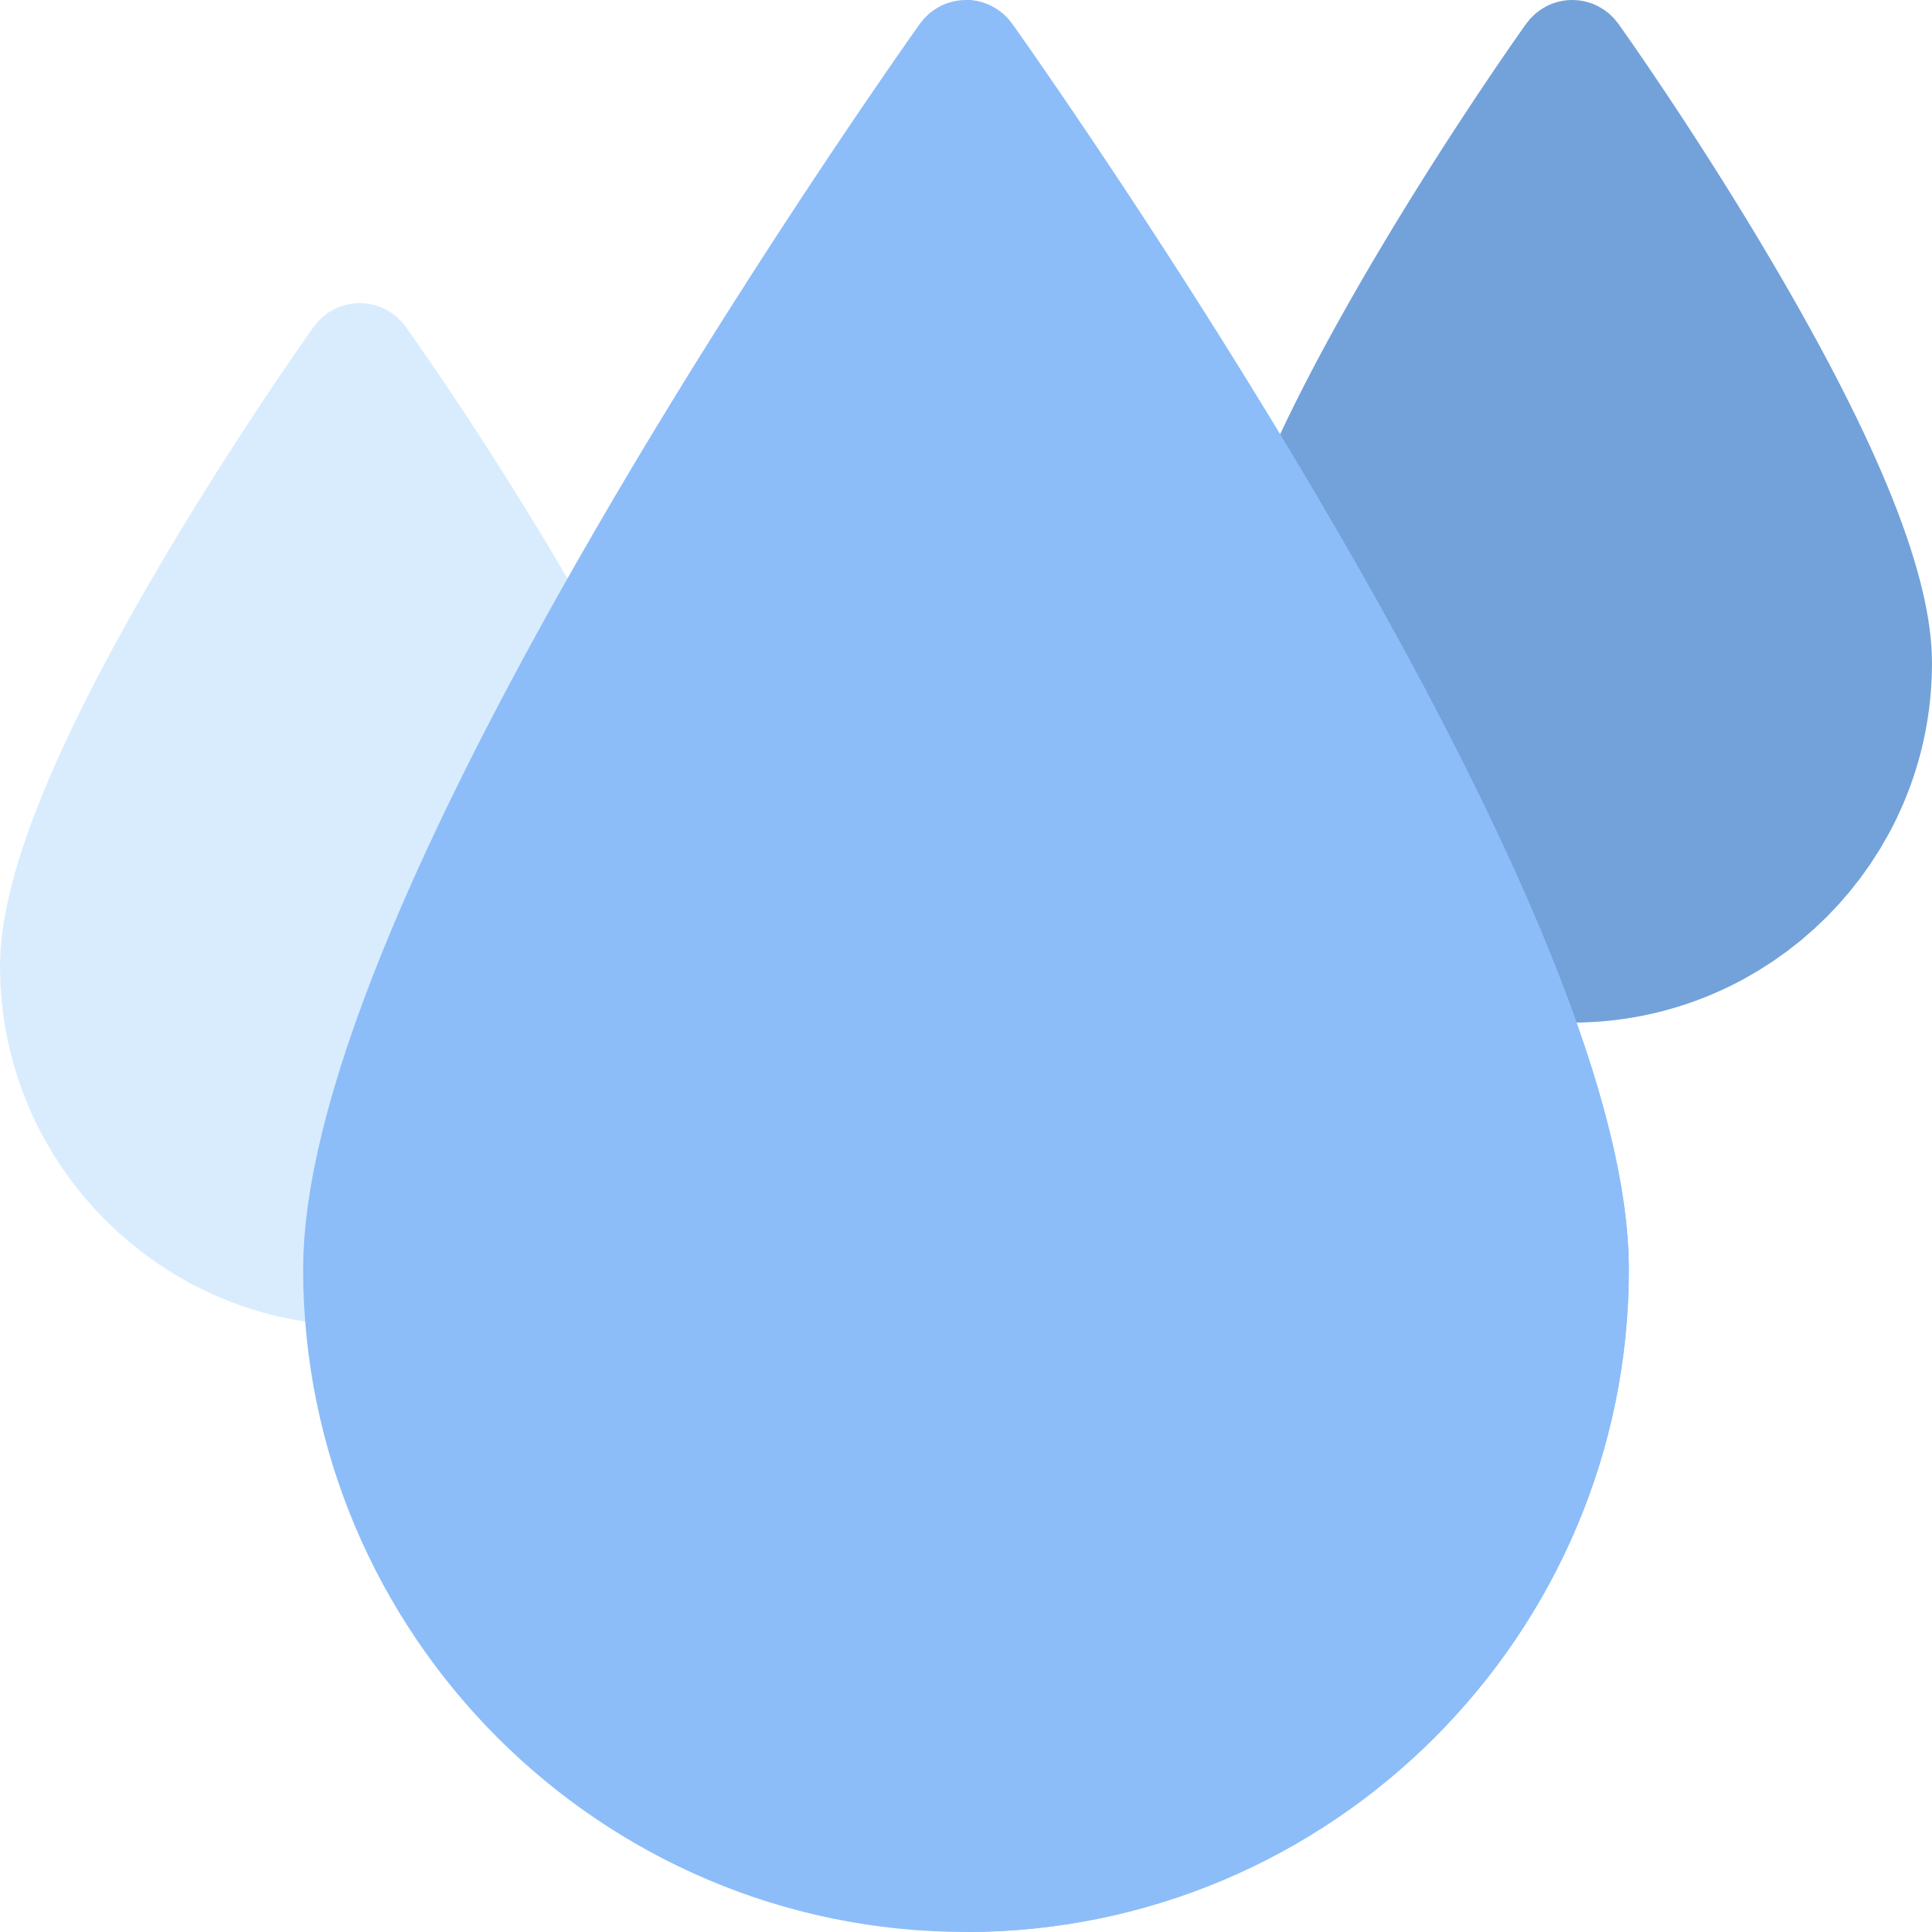 Ballon Thermodynamique Icon